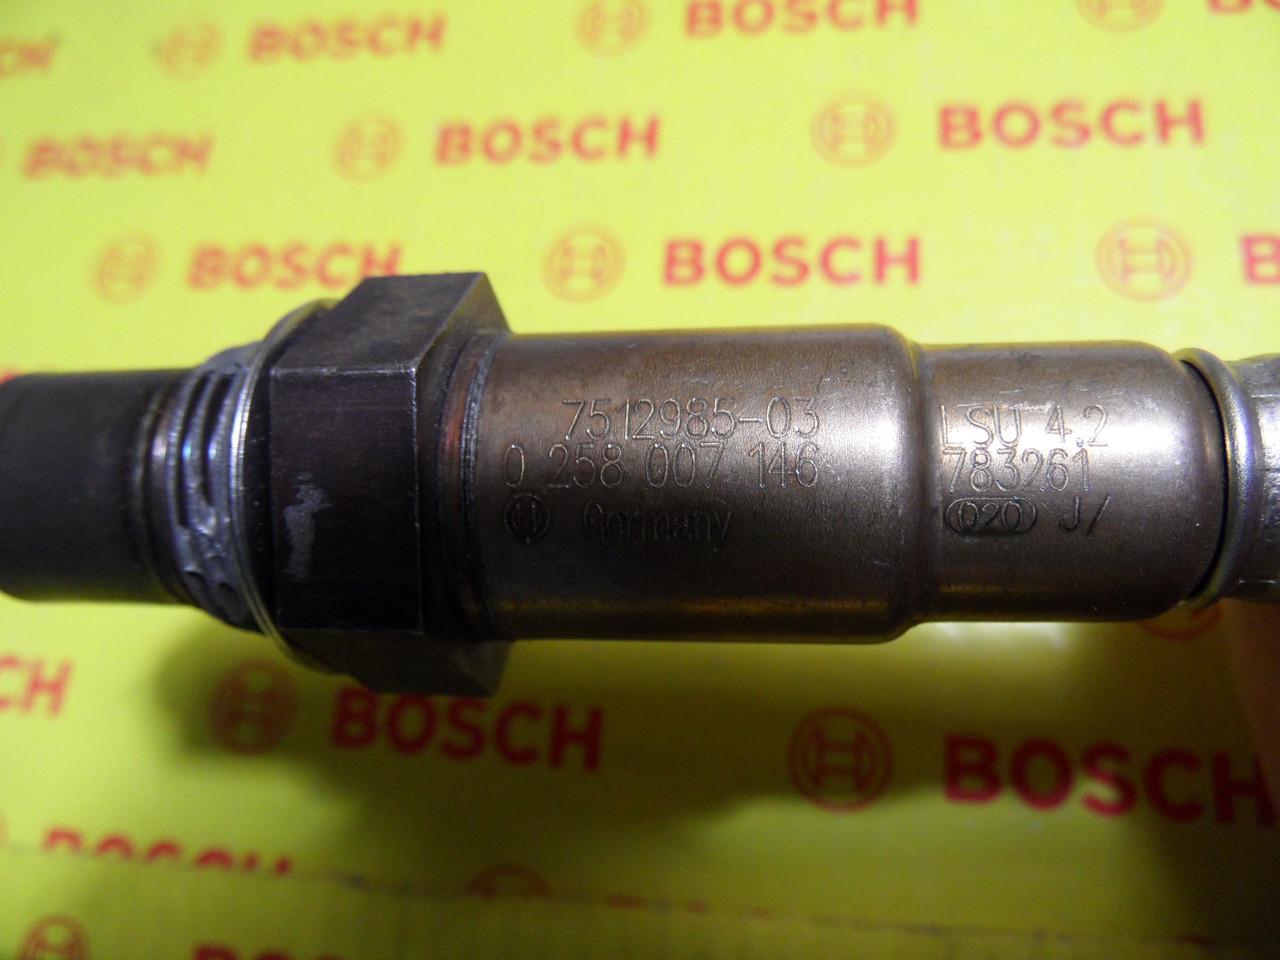 Лямбда-зонды Bosch, 11787512985,0 258 007 146, 0258007146, оригинал BMW